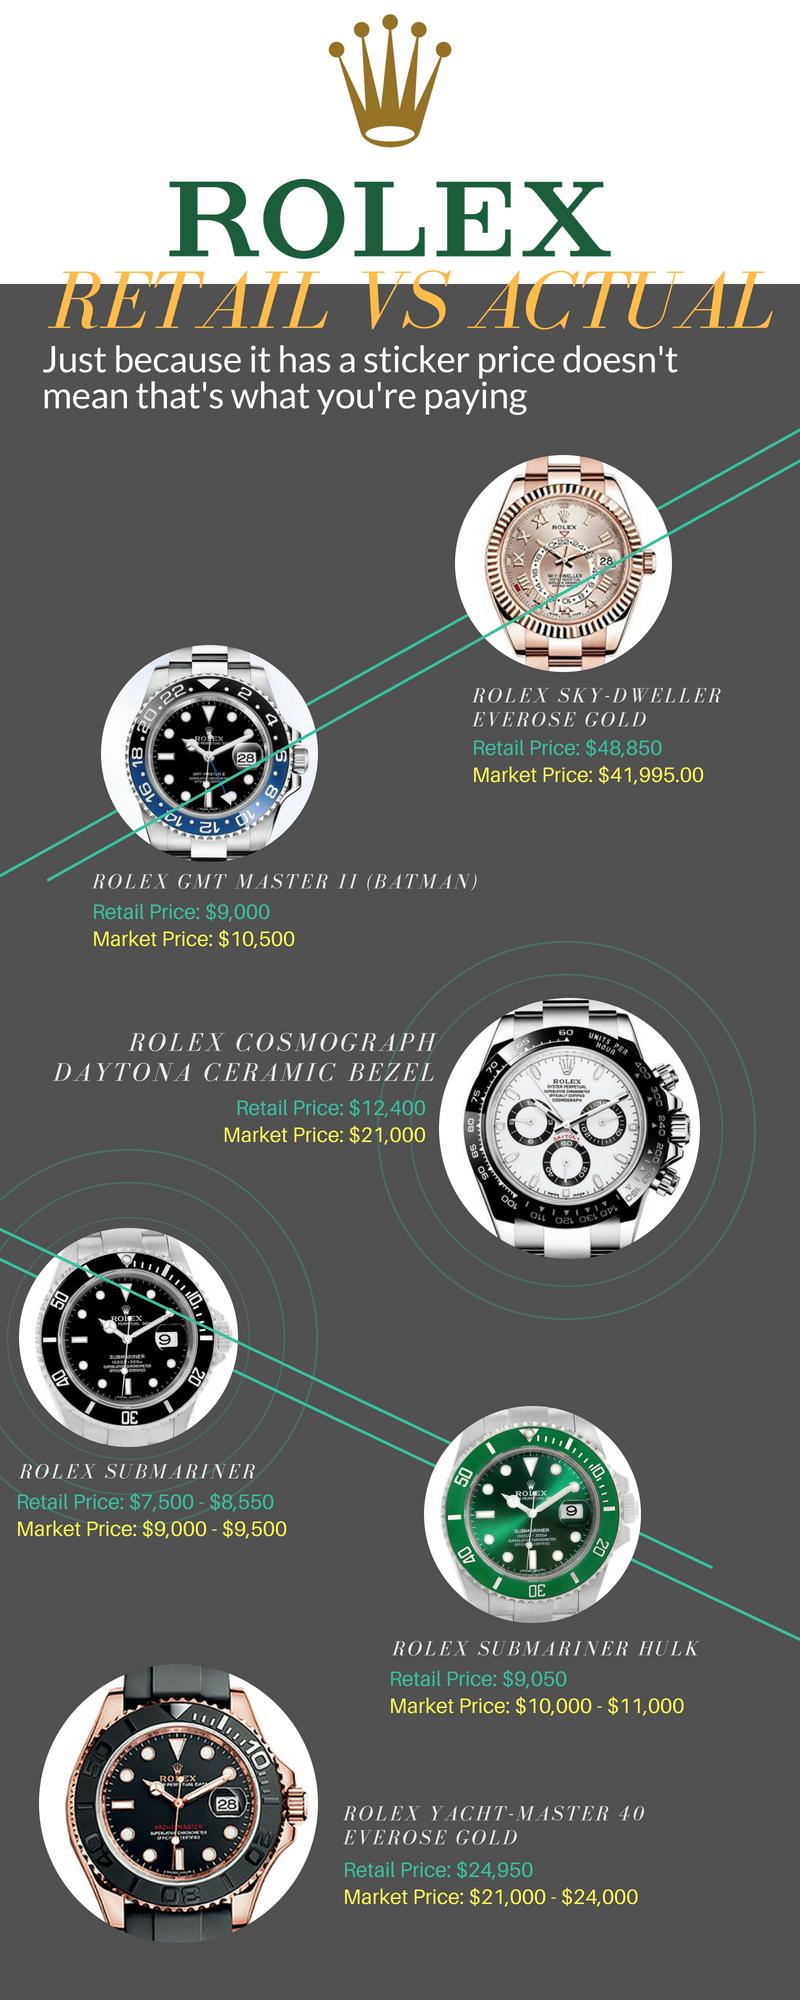 Rolex Prices Retail Vs Actual Market